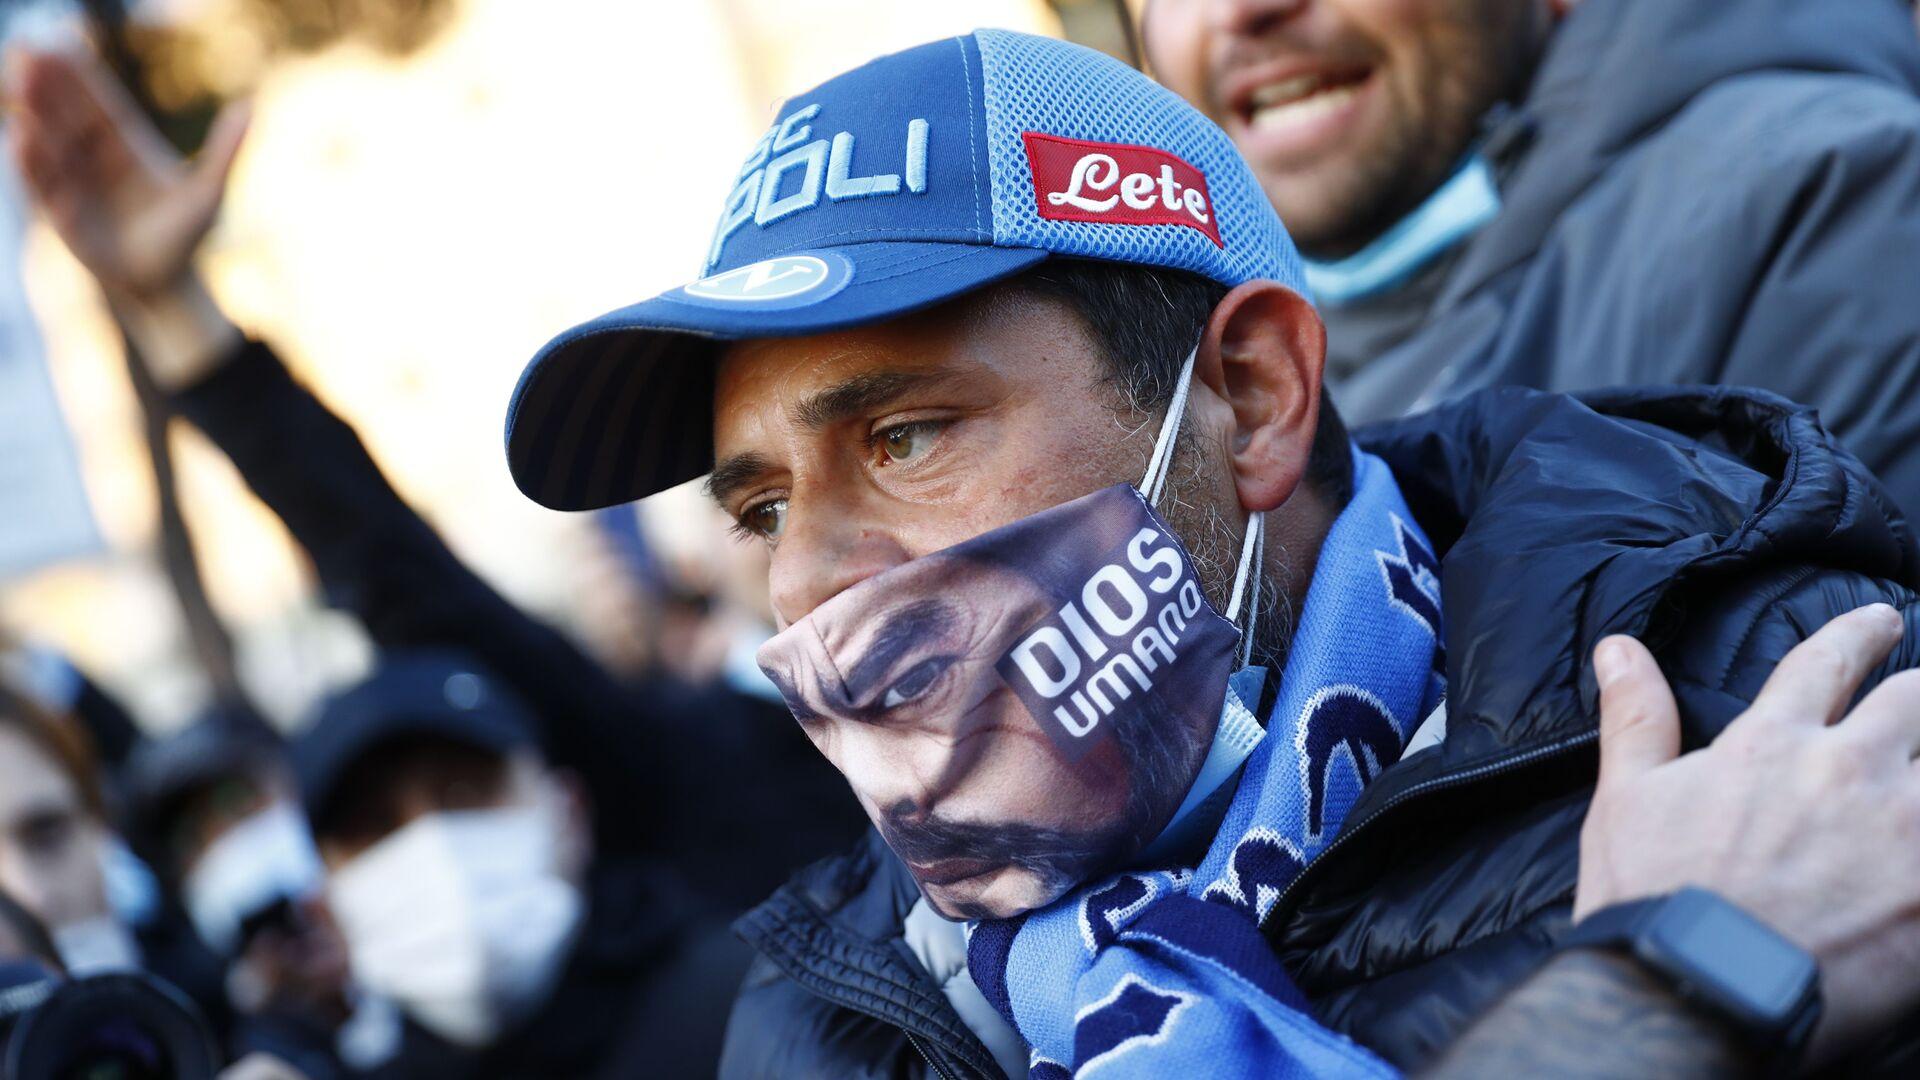 Un tifoso del Napoli venuto a onorare la memoria di Diego Maradona - Sputnik Italia, 1920, 27.05.2021